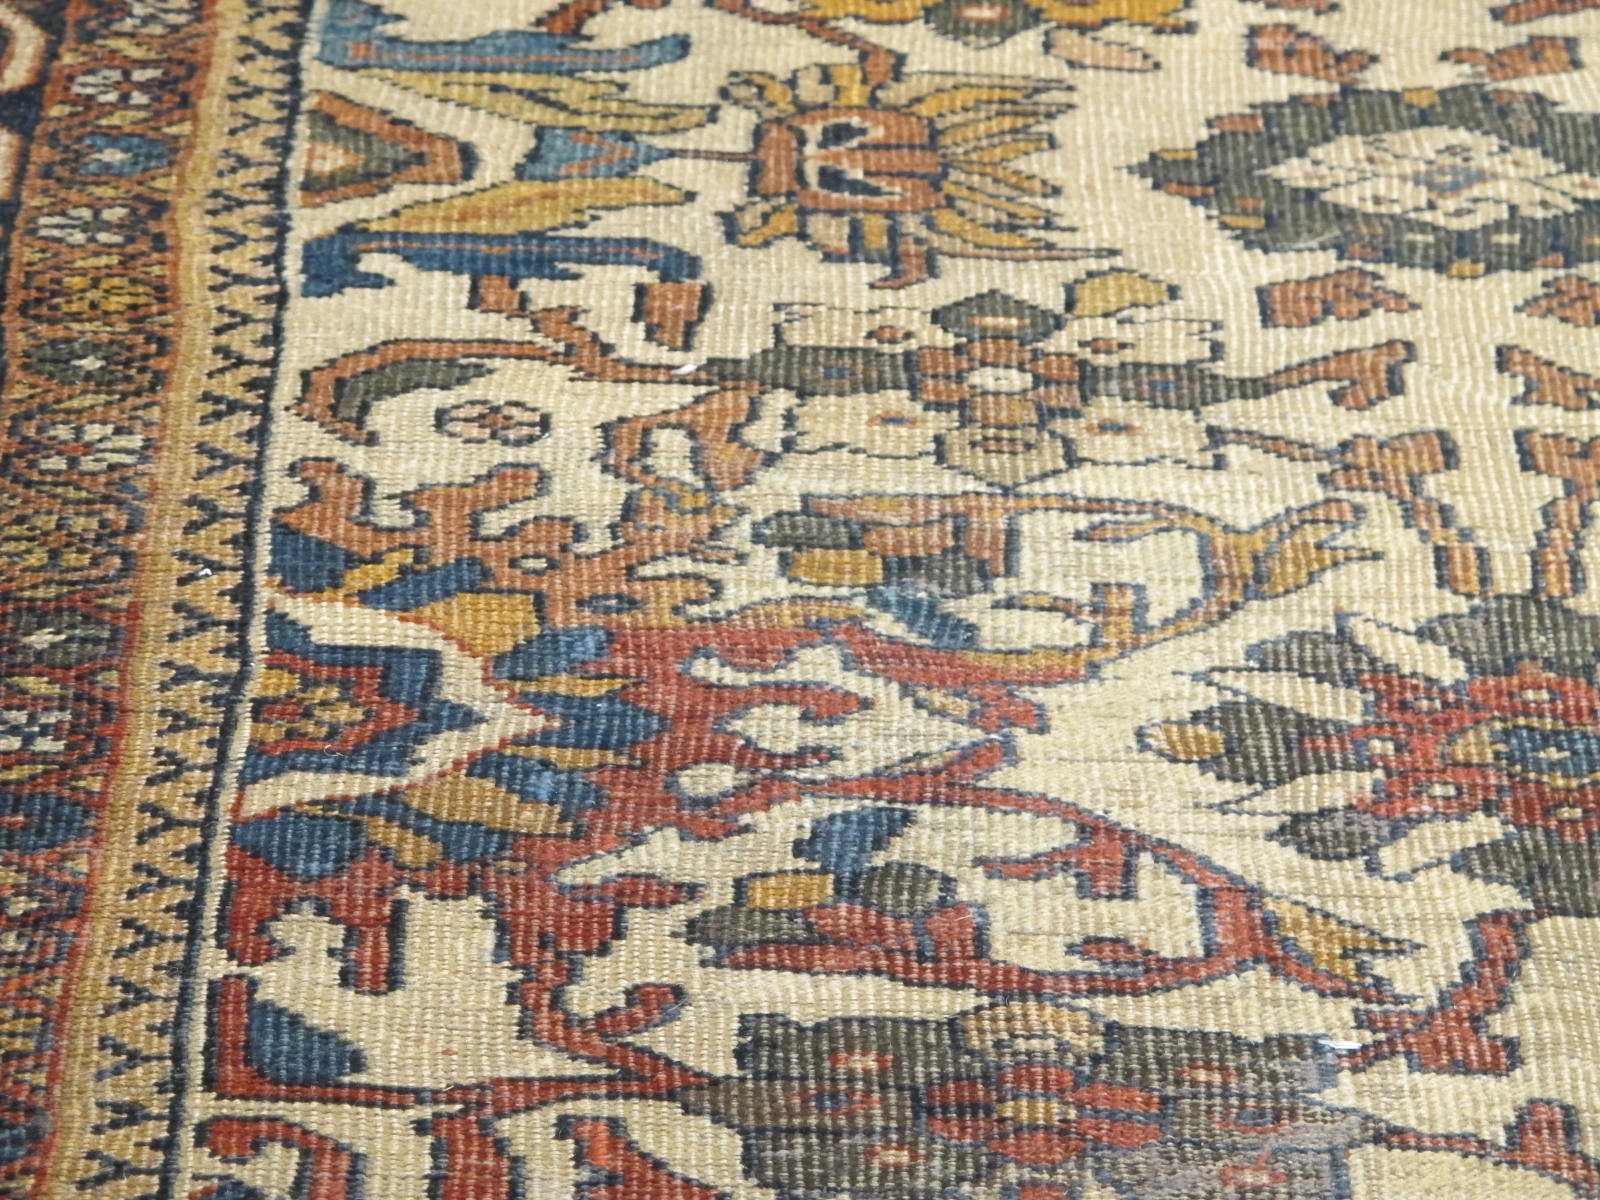 21432 antique persian mahal rug 8,9x12,4 (5)